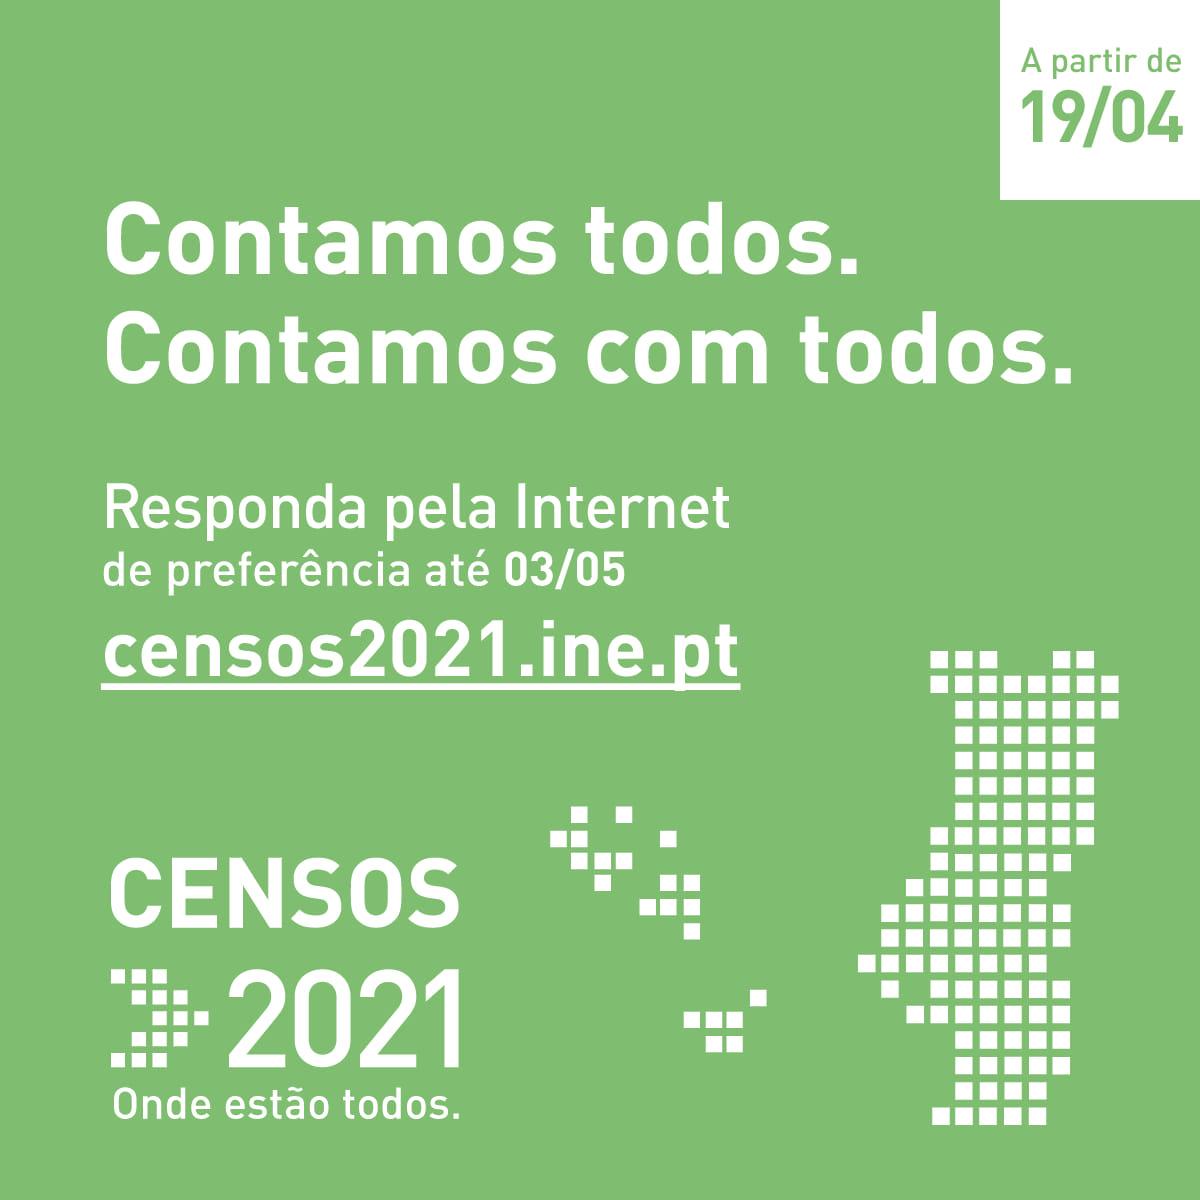 Censos 2021 pela Internet